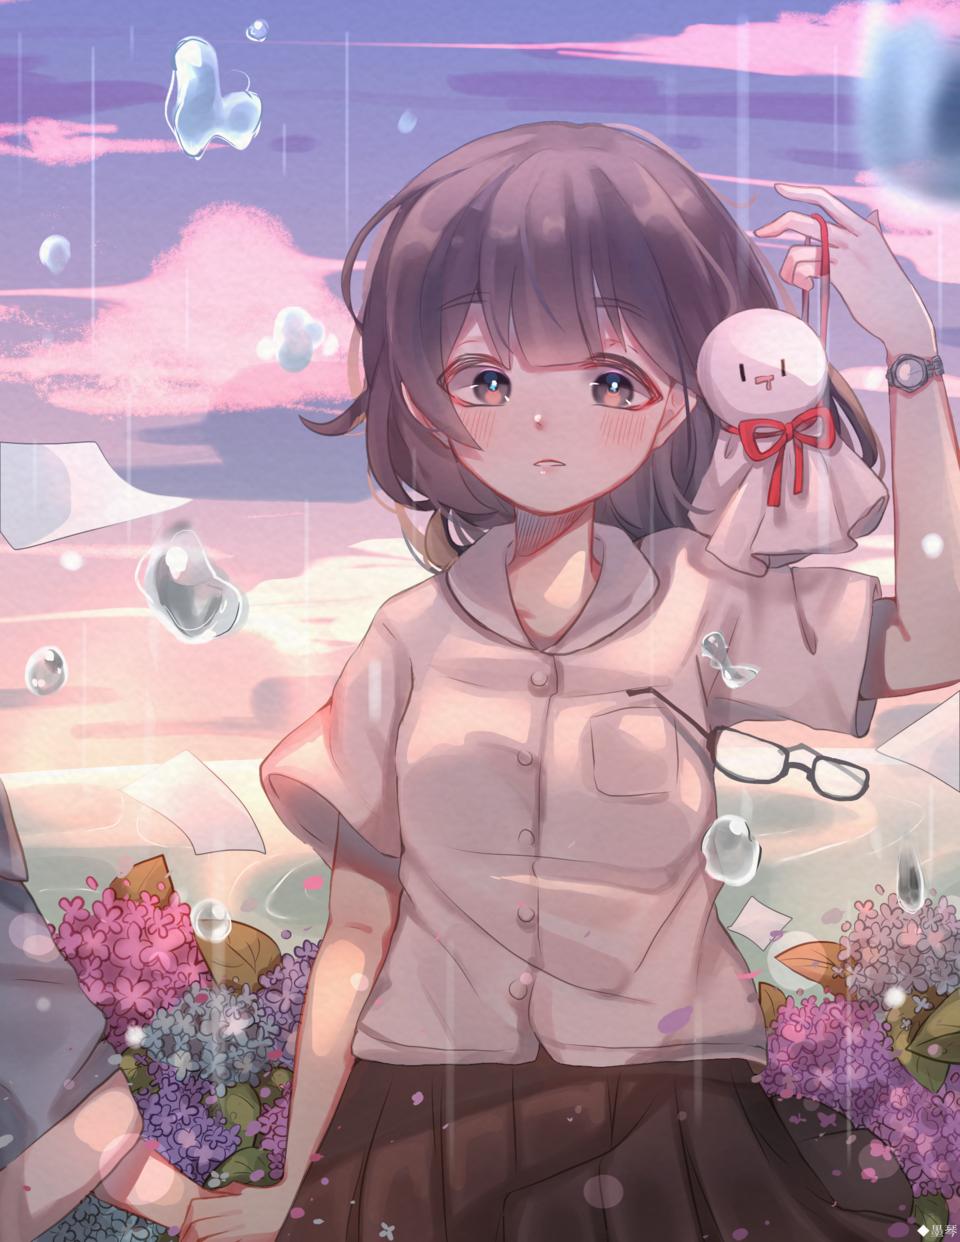 雨 Illust of もち 墨琴 kyoto-illust2019 Jul.2019Contest medibangpaint rain girl hydrangea てるてる坊主